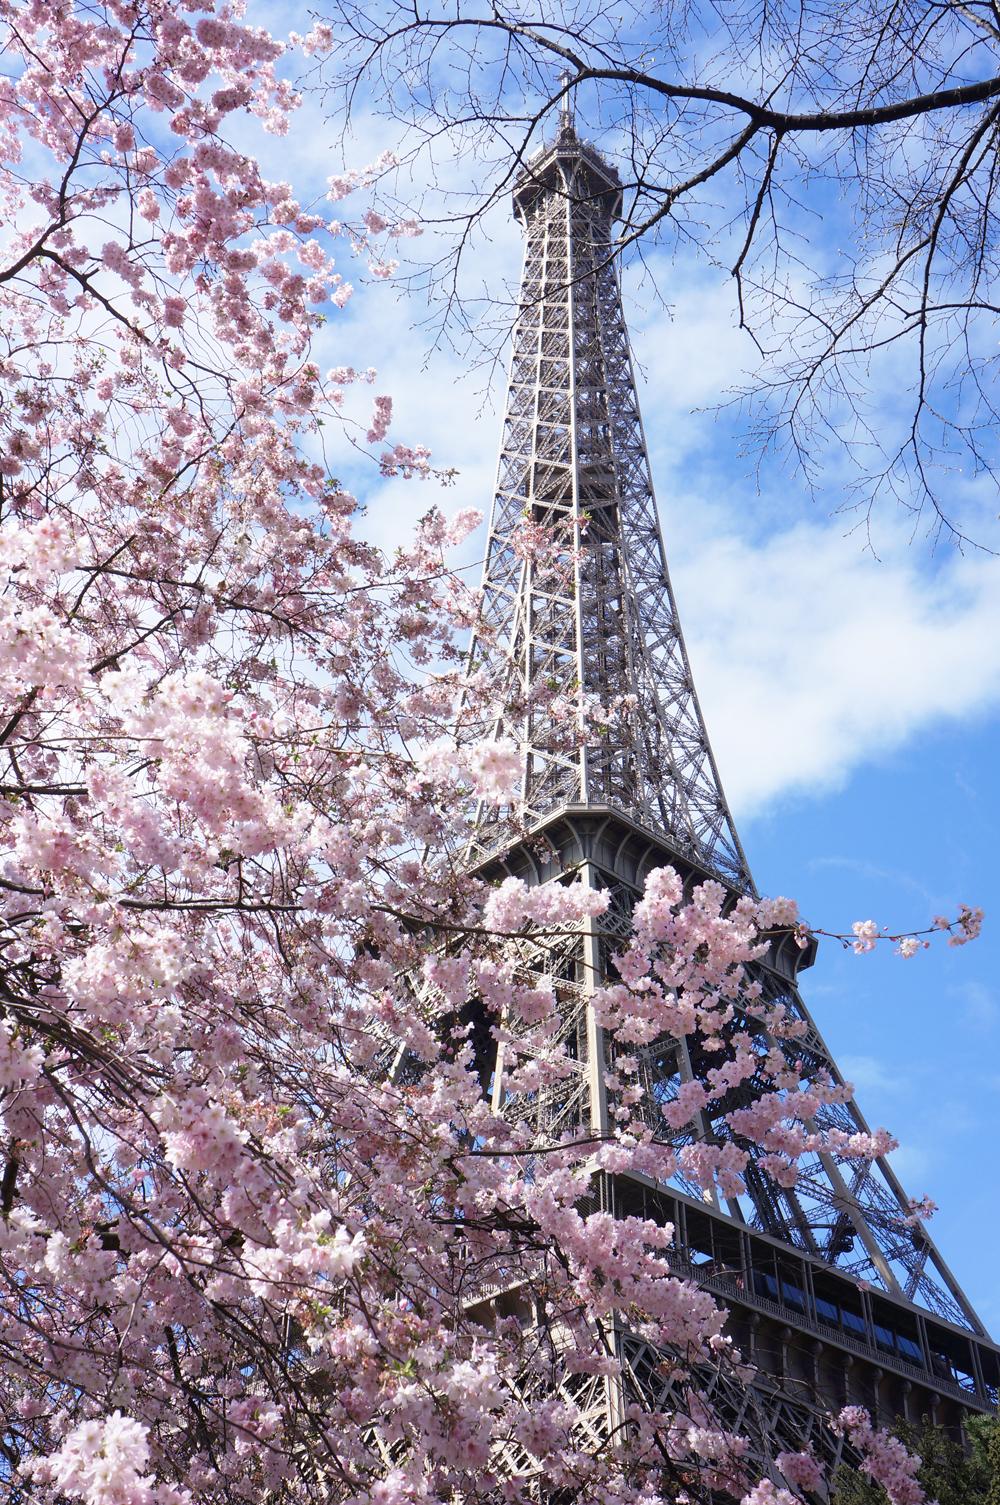 paris-tour-eiffel-tower-8